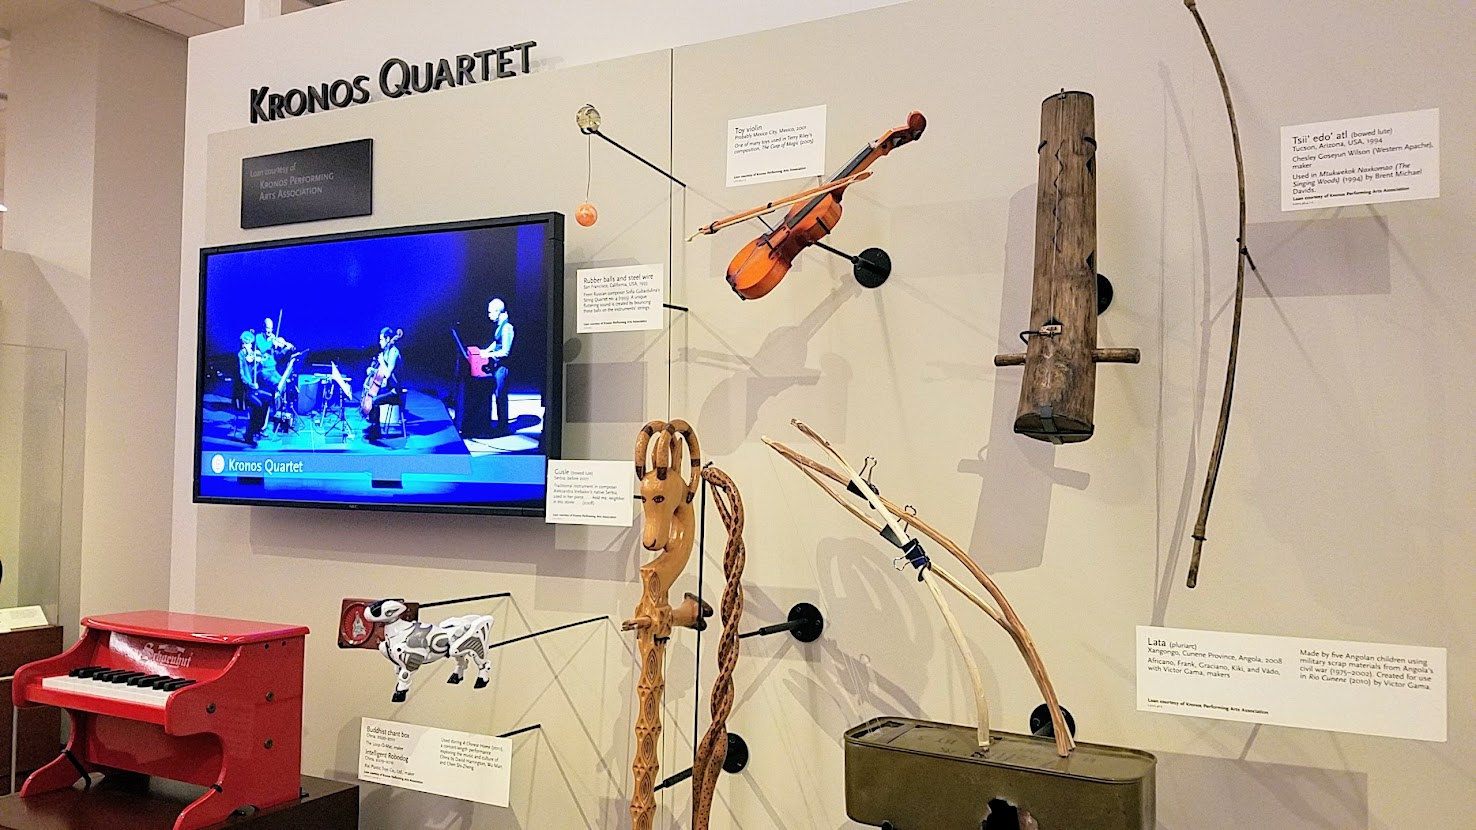 Music Instrument Museum (MIM) exhibit on contemporary music icons included Kronos Quartet